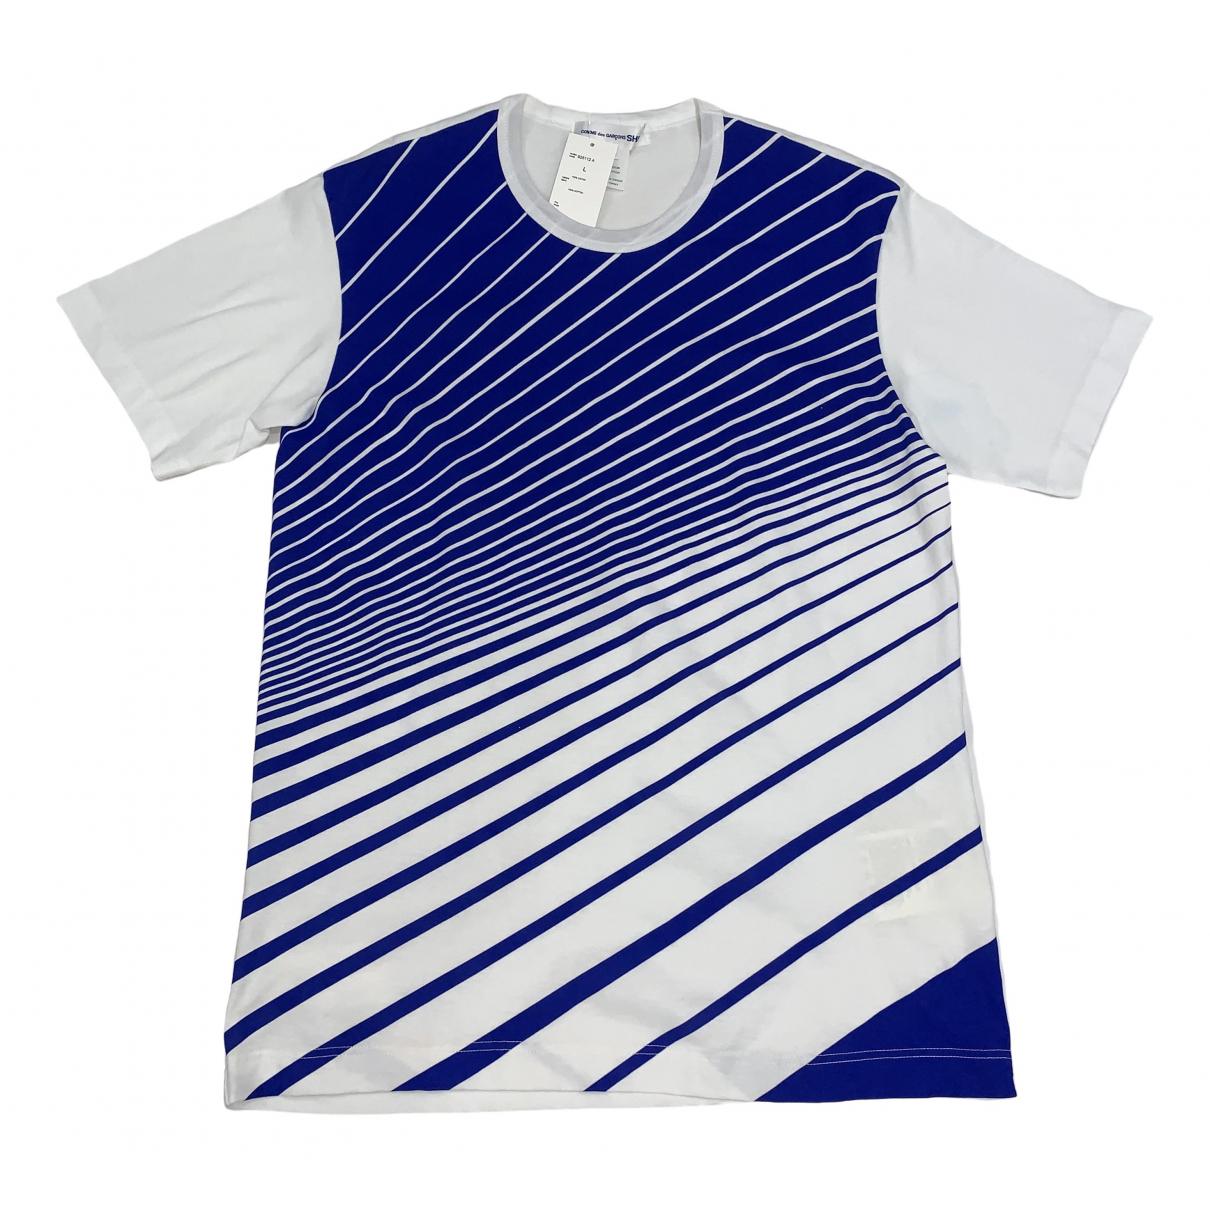 Comme Des Garcons - Tee shirts   pour homme en coton - blanc